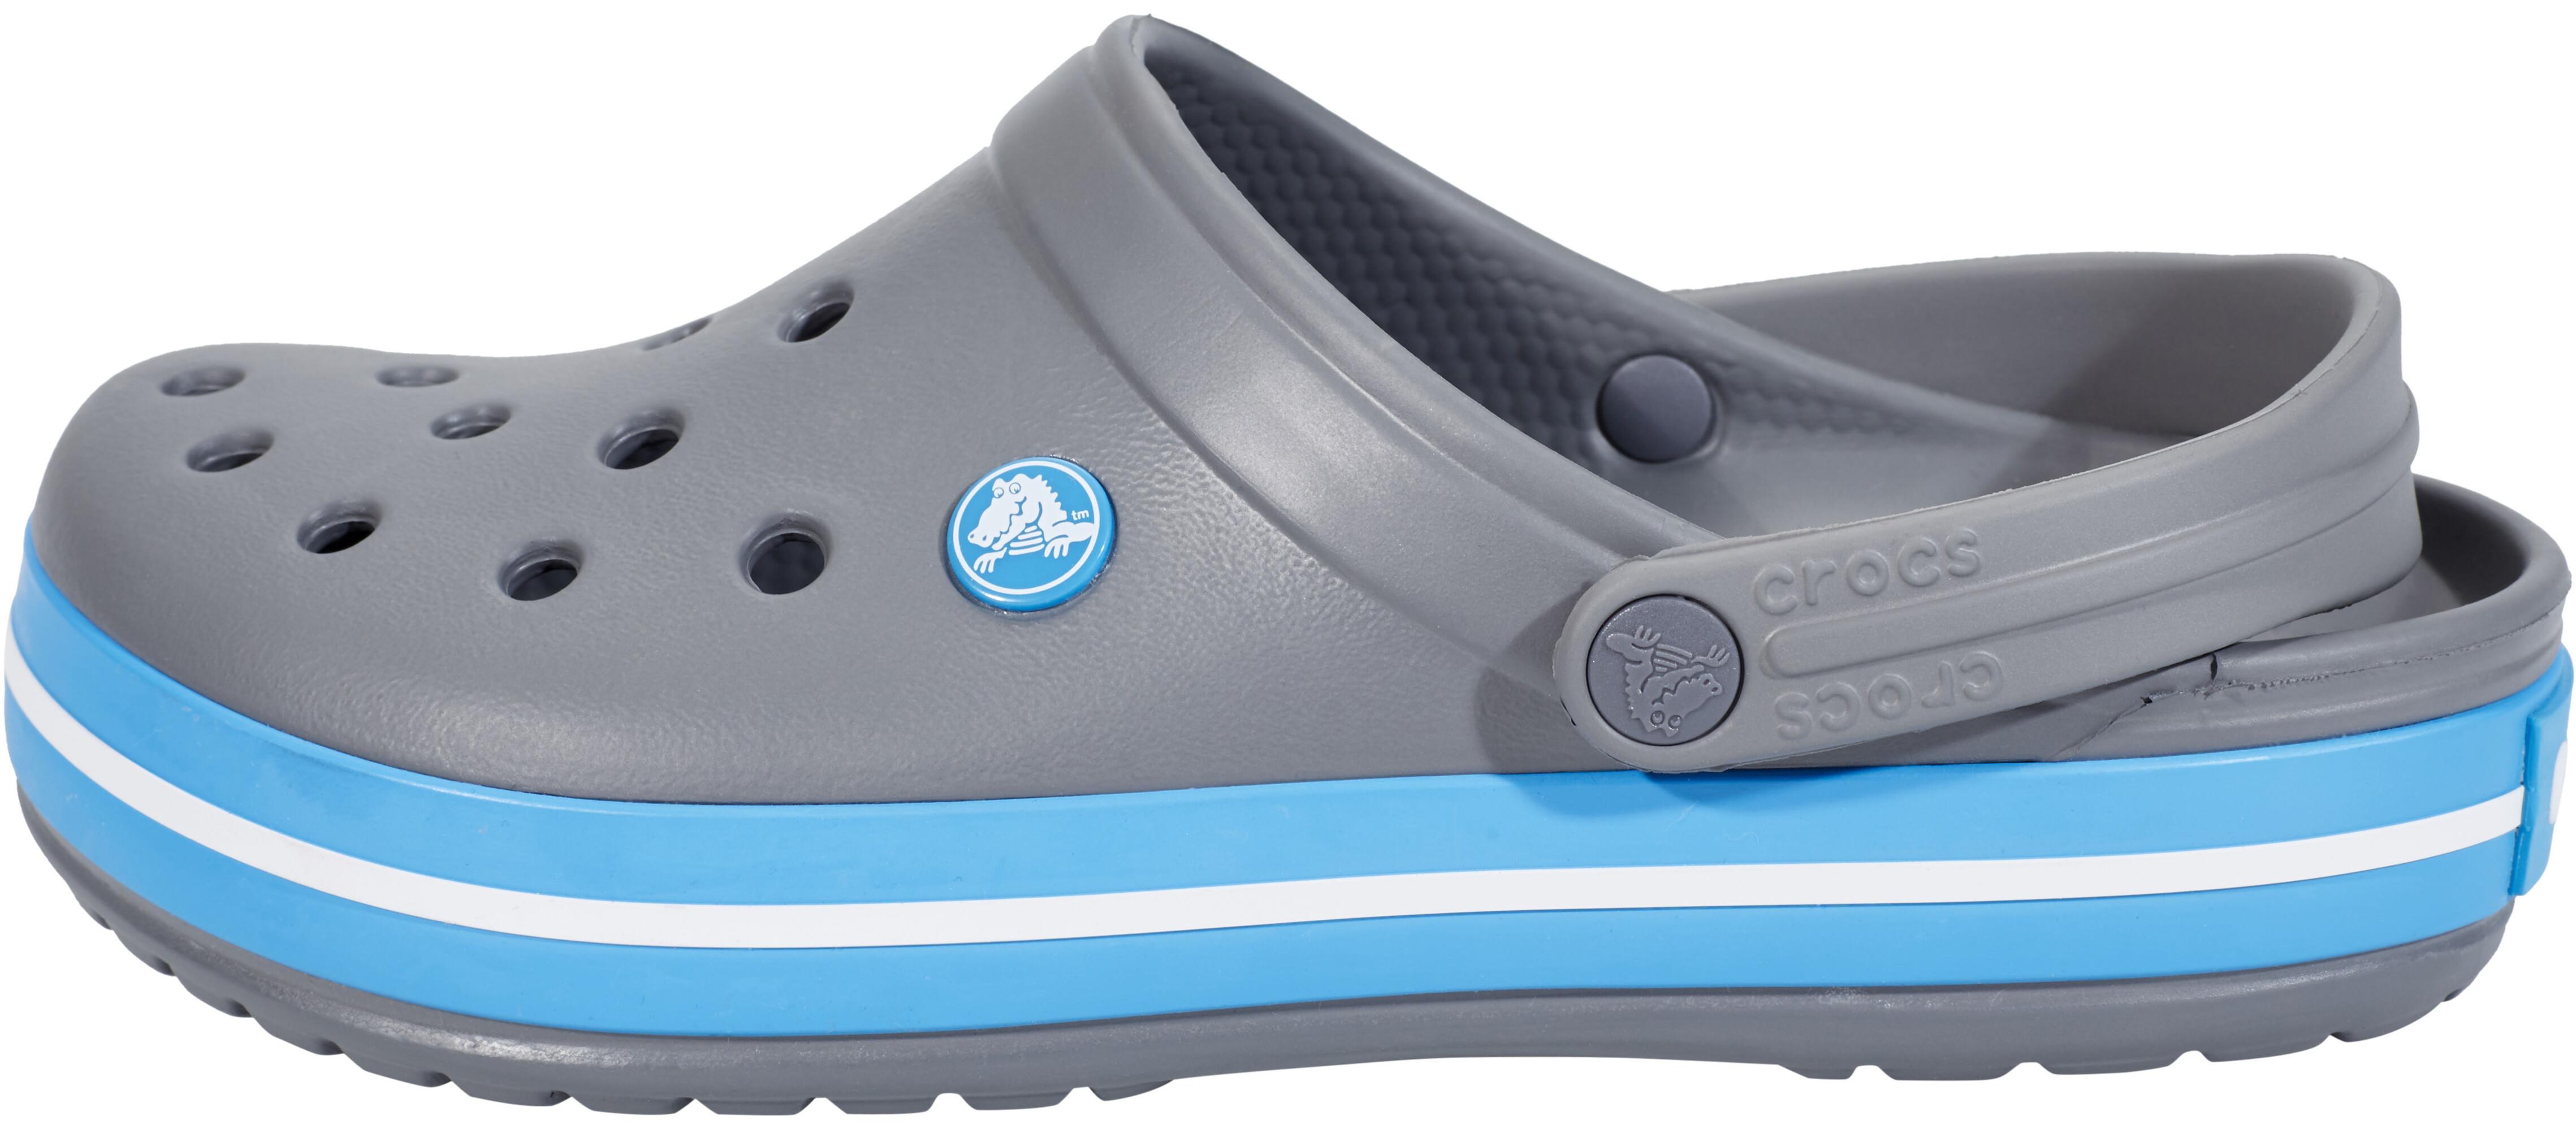 a5e08da8 Crocs Crocband Sandaler, charcoal/ocean | Find outdoortøj, sko ...